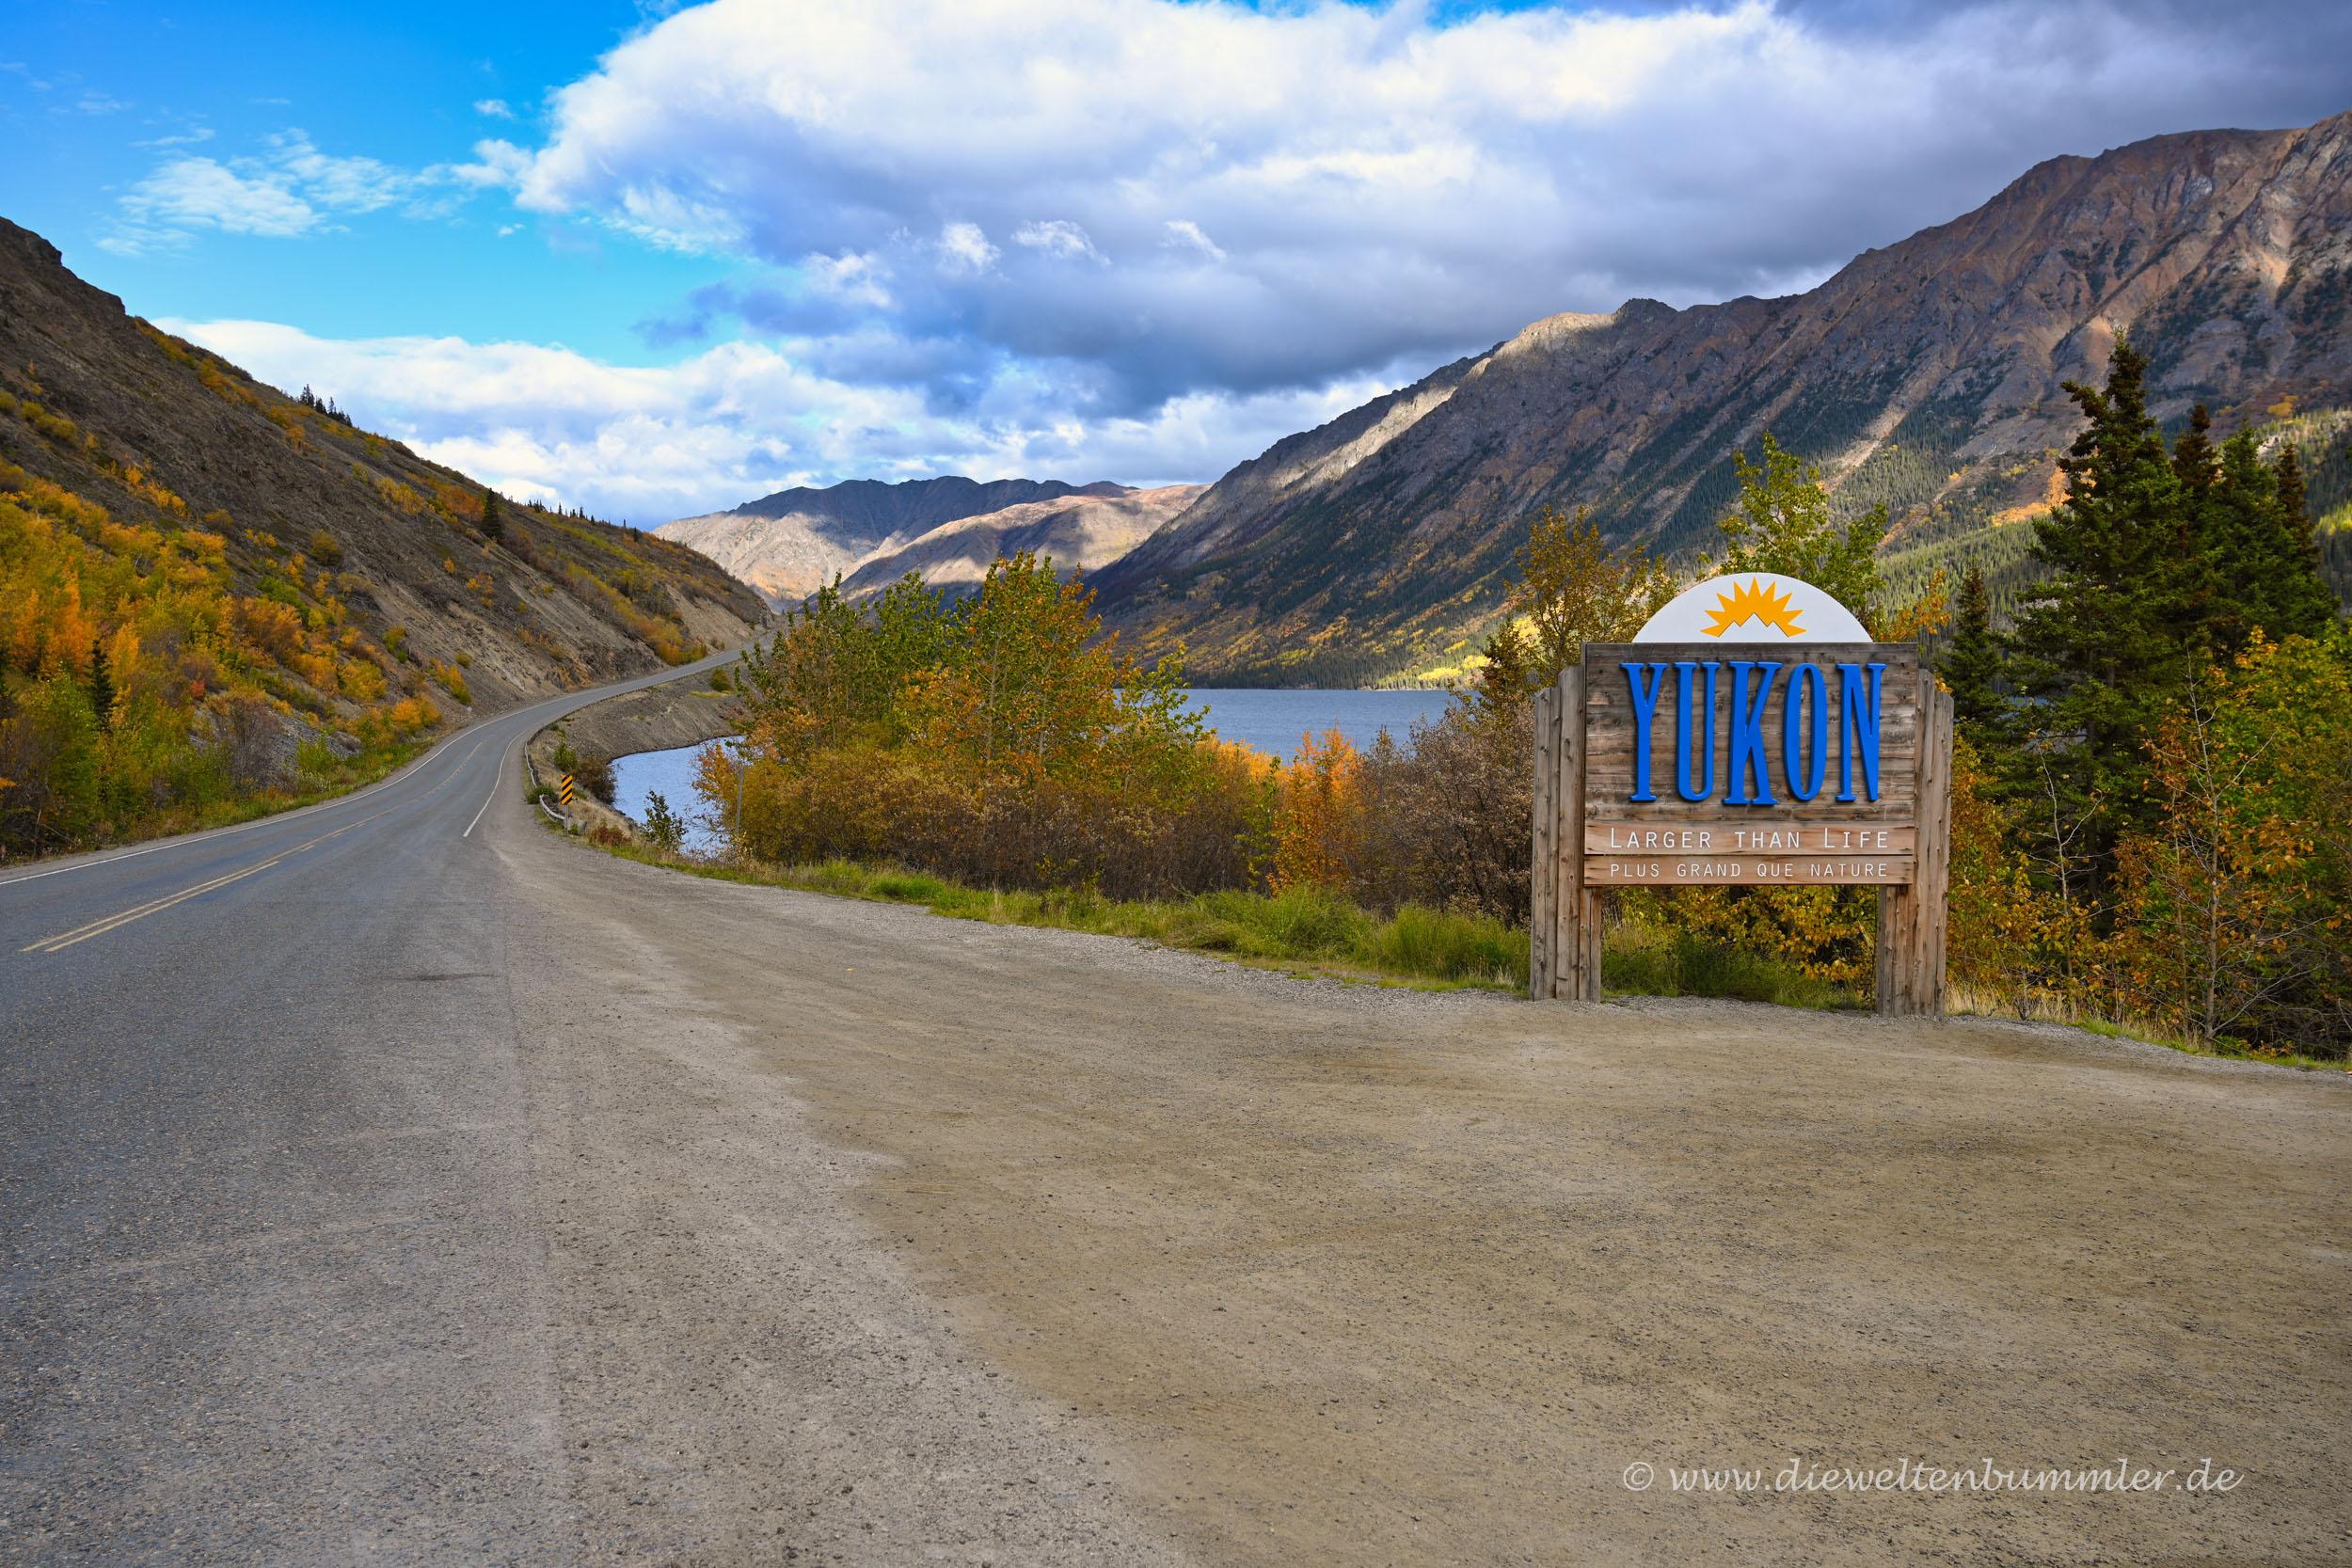 Grenze zwischen Yukon und British Columbia